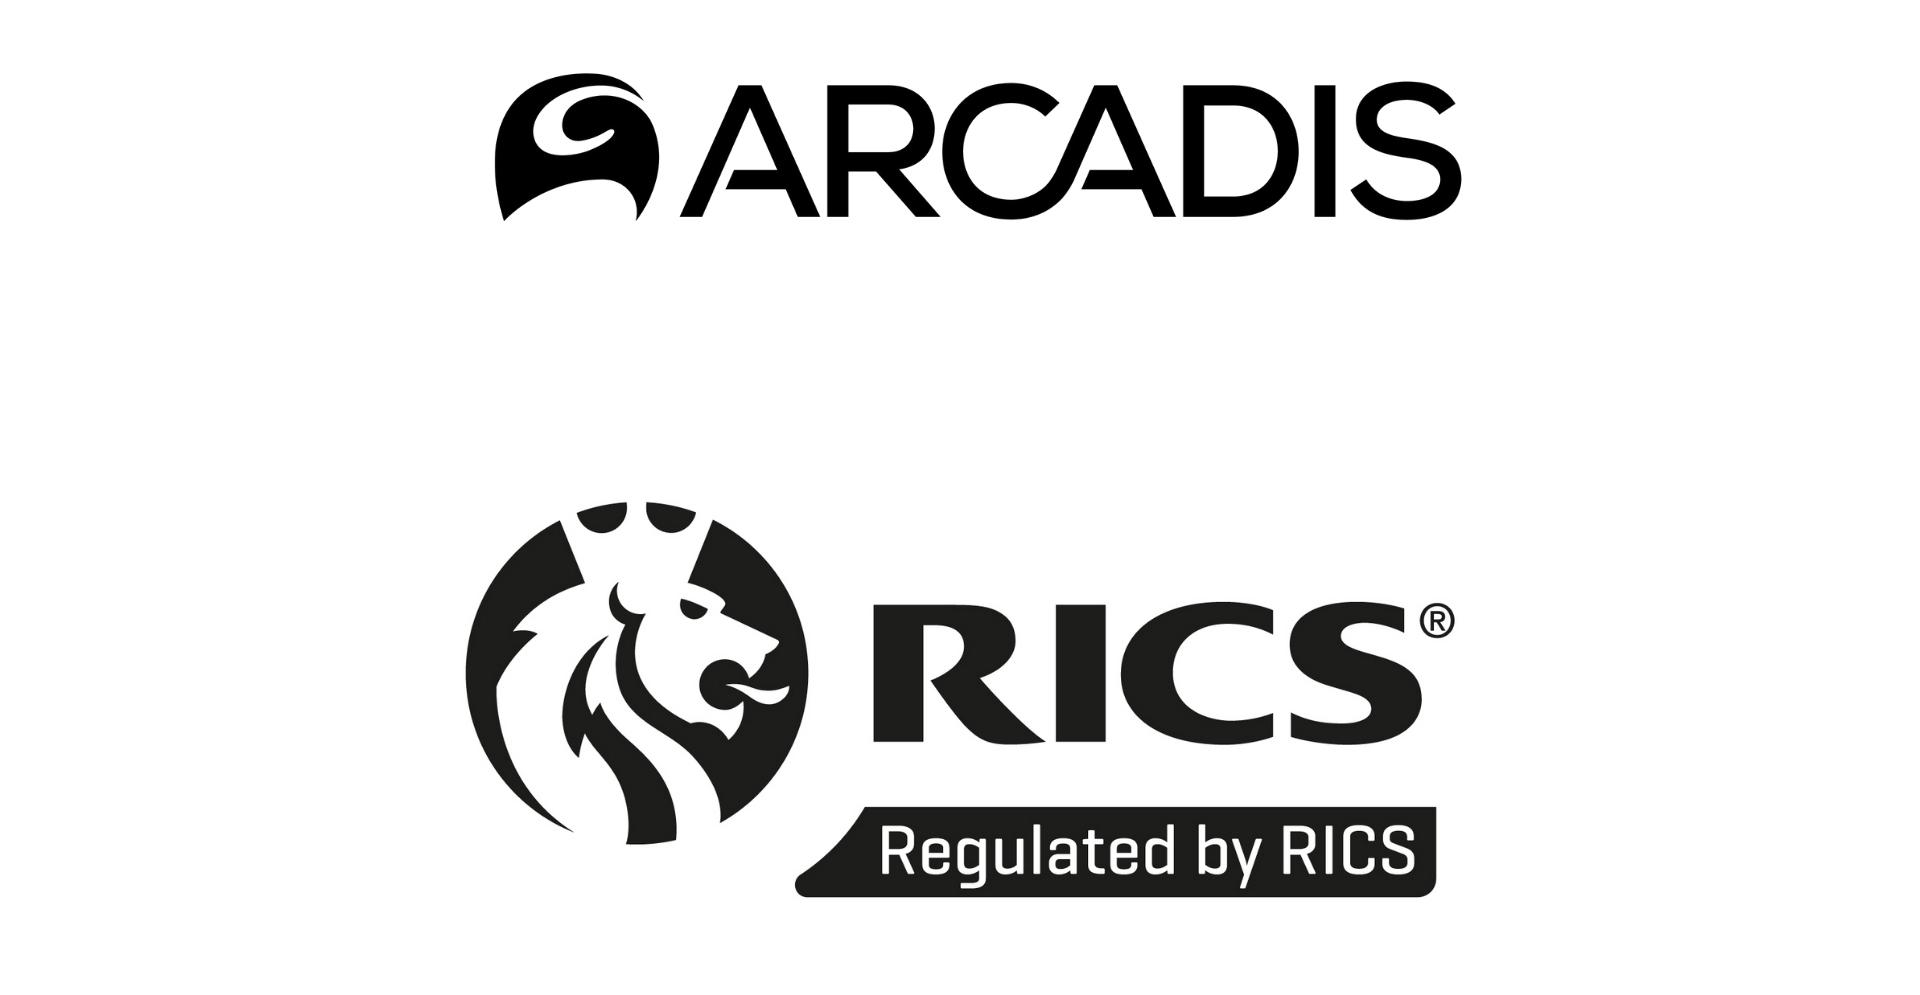 Arcadis Polska z certyfikacją RICS